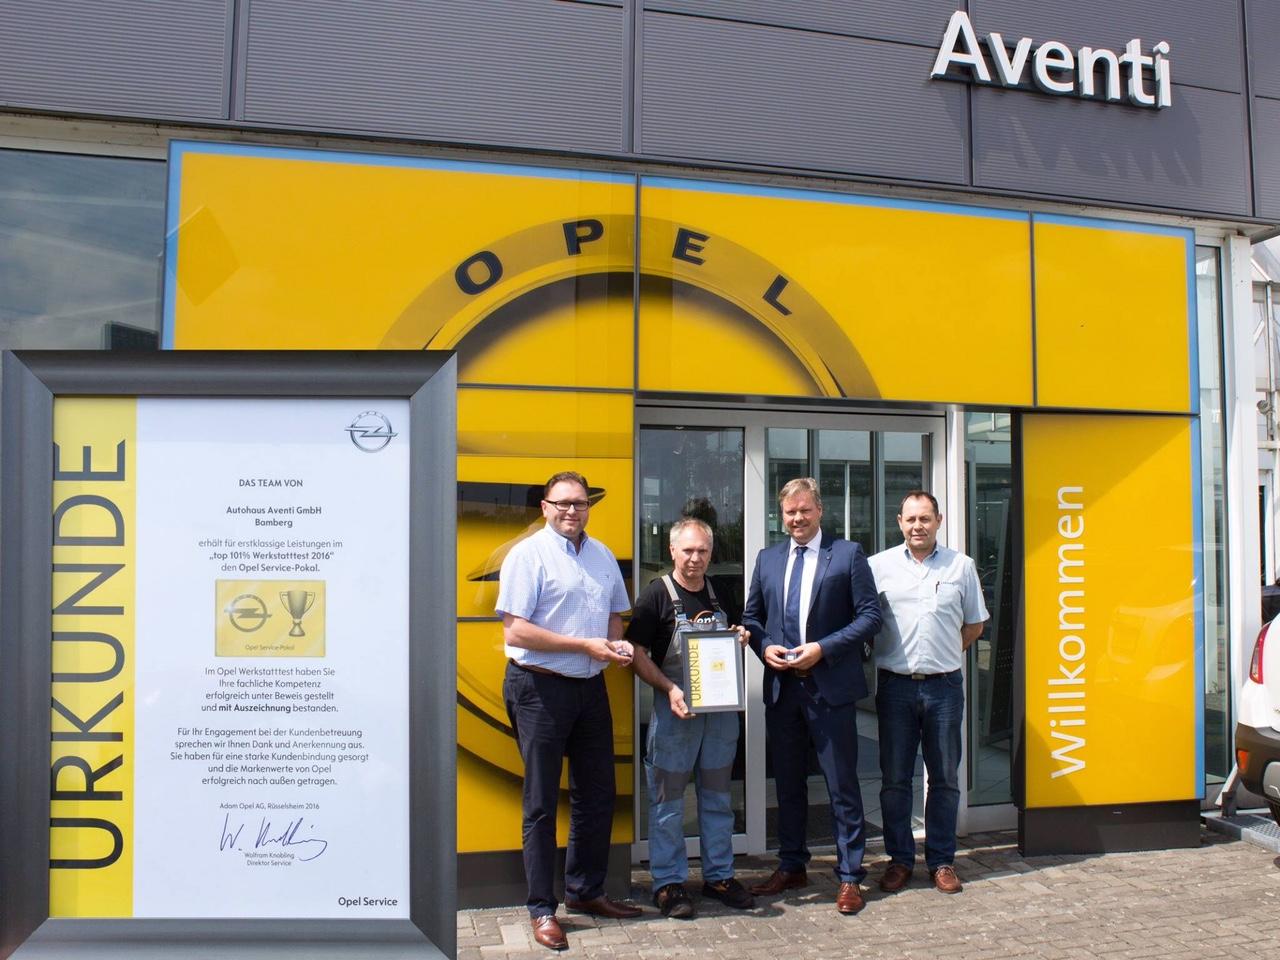 Opel Servicepokal